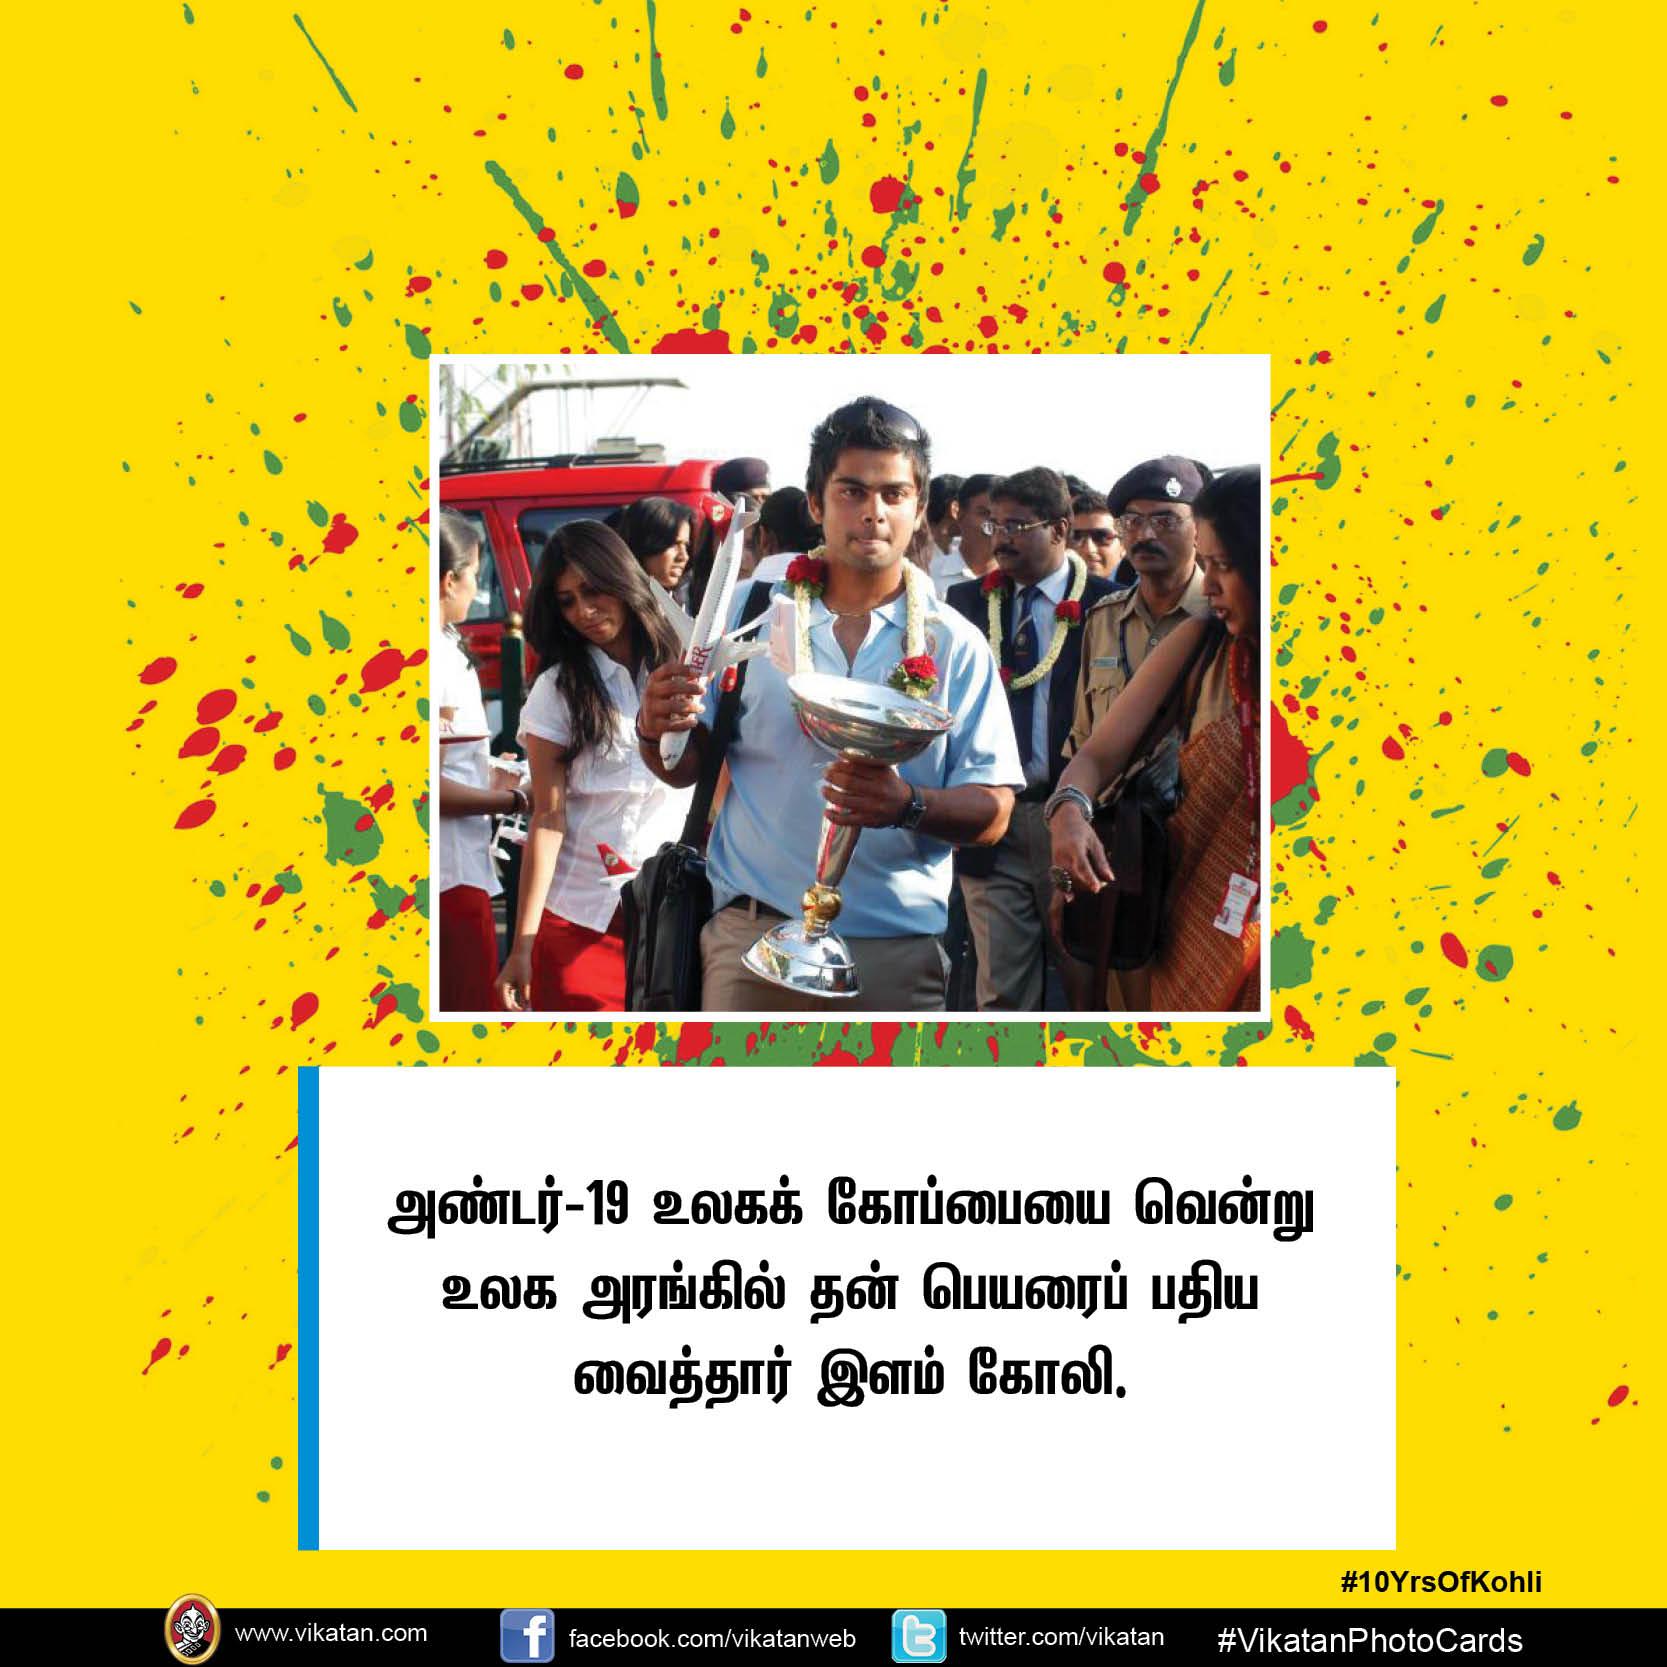 புஷ் அப், வணக்கம், முத்தம்... கோலியின் 10 பெஸ்ட் மொமன்ட்ஸ்! #10YearsOfKingKohli #VikatanPhotoCards